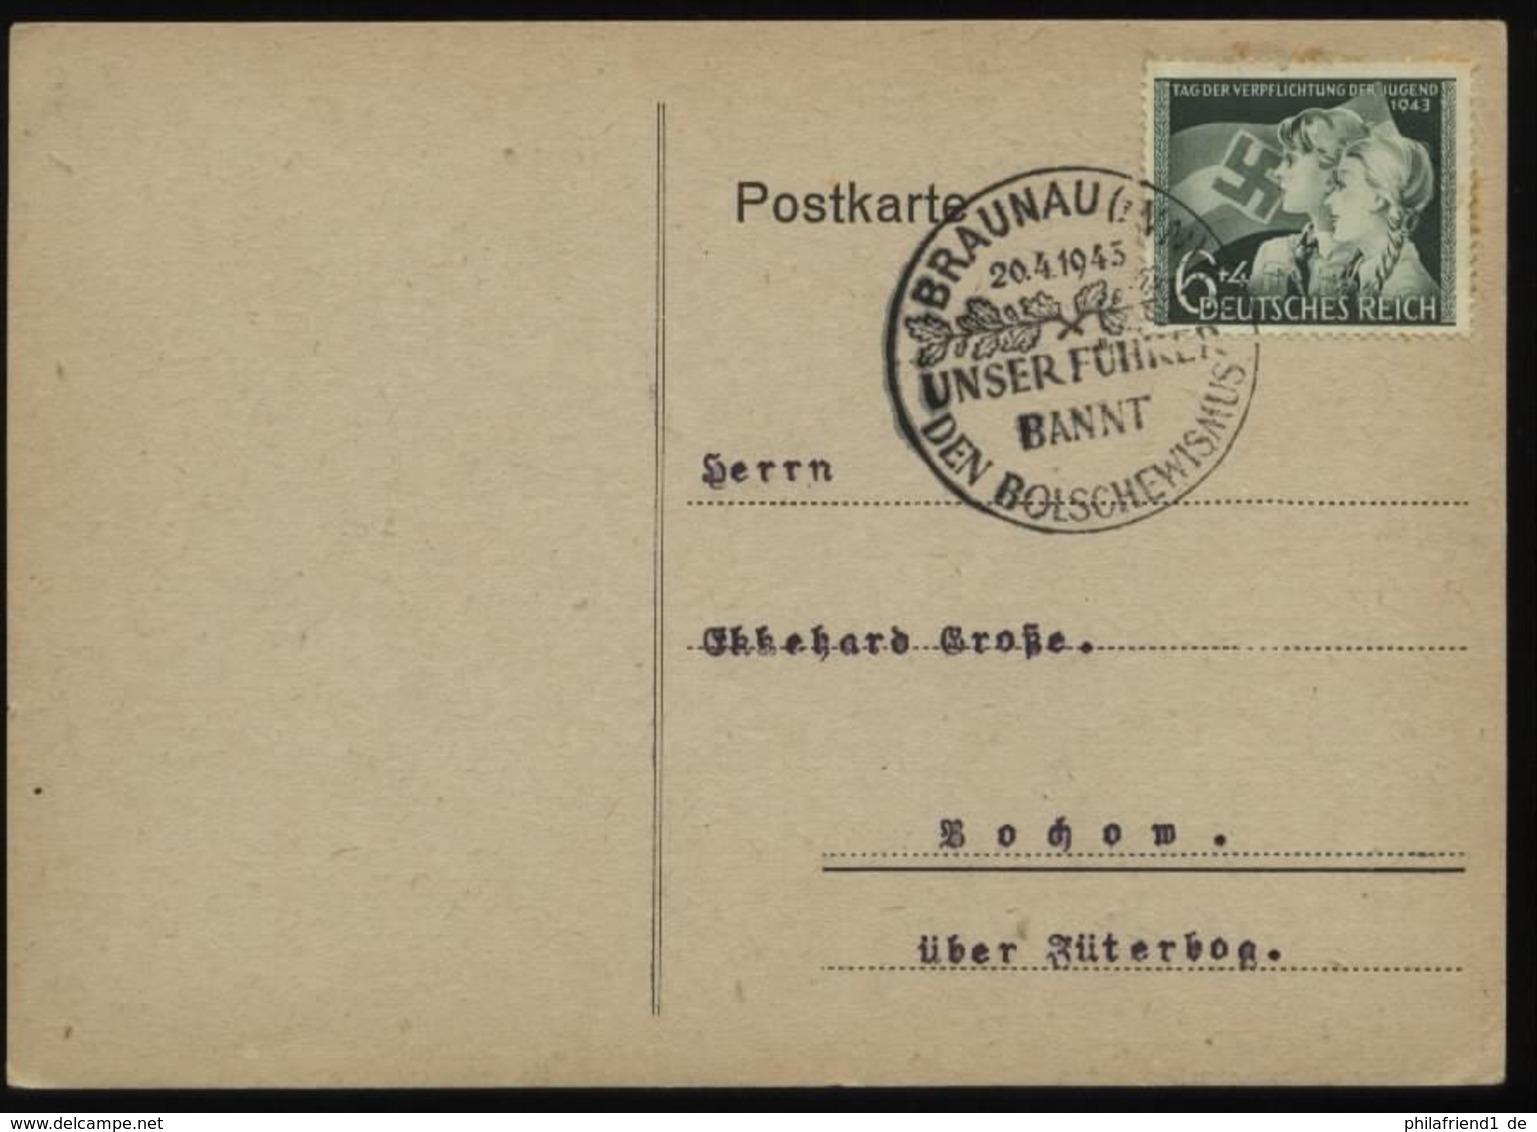 WW II Postkarte : Gebraucht Mit Sonderstempel Adolf Hitler Geburtstag 20.4.1943 Braunau Am Inn , Stempelbeleg. - Briefe U. Dokumente